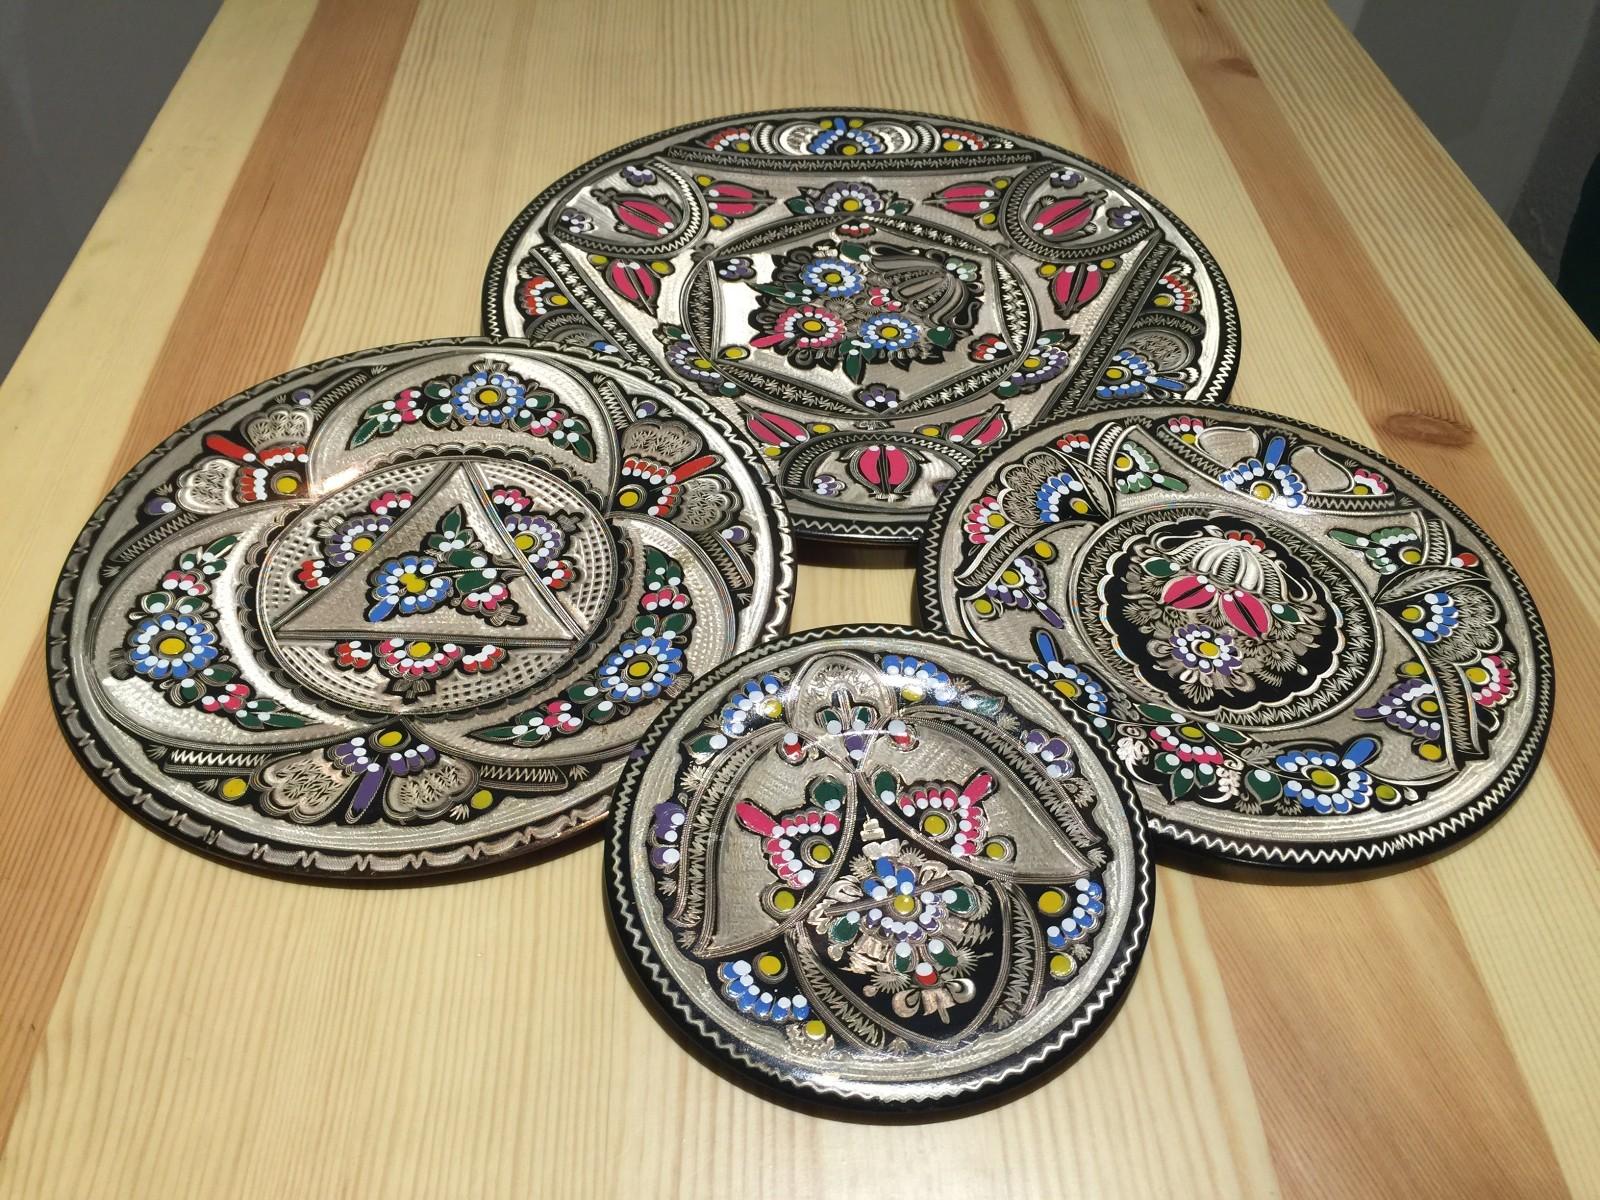 土耳其精品工艺彩盘 家居装饰 摆件图片二